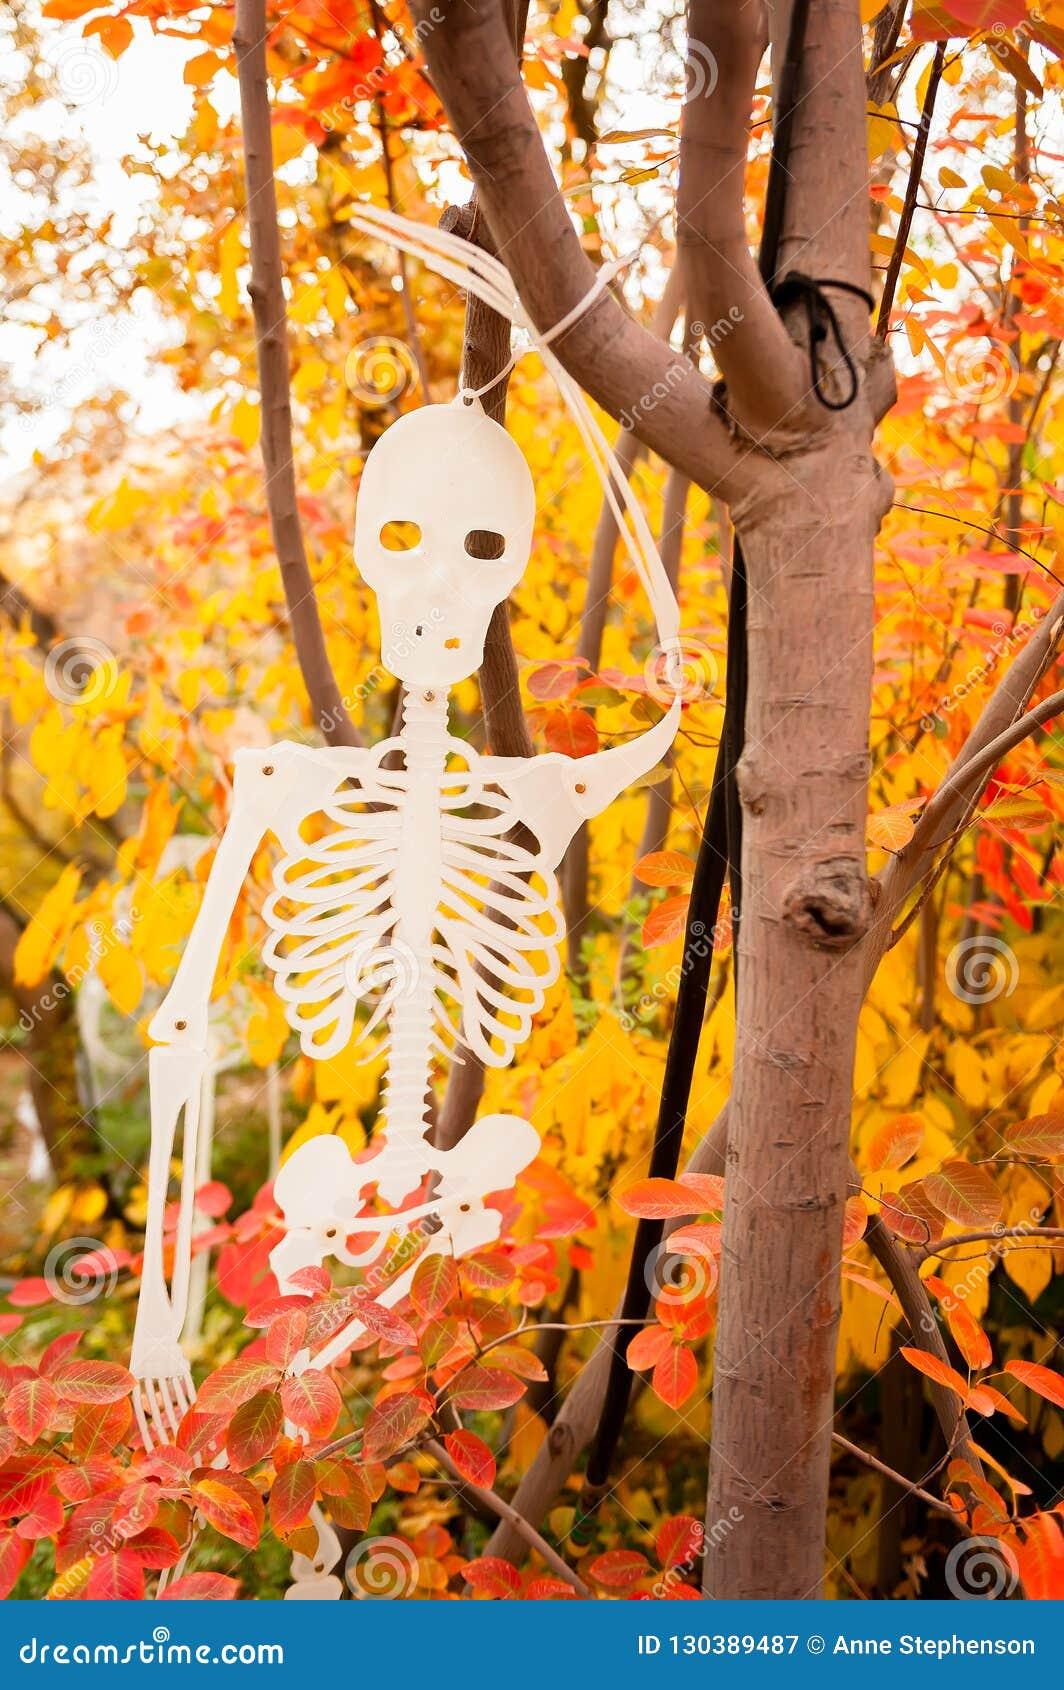 Eine Halloween-Skelettdekoration, die in einem Baum mit bunten Blättern im Hintergrund hängt